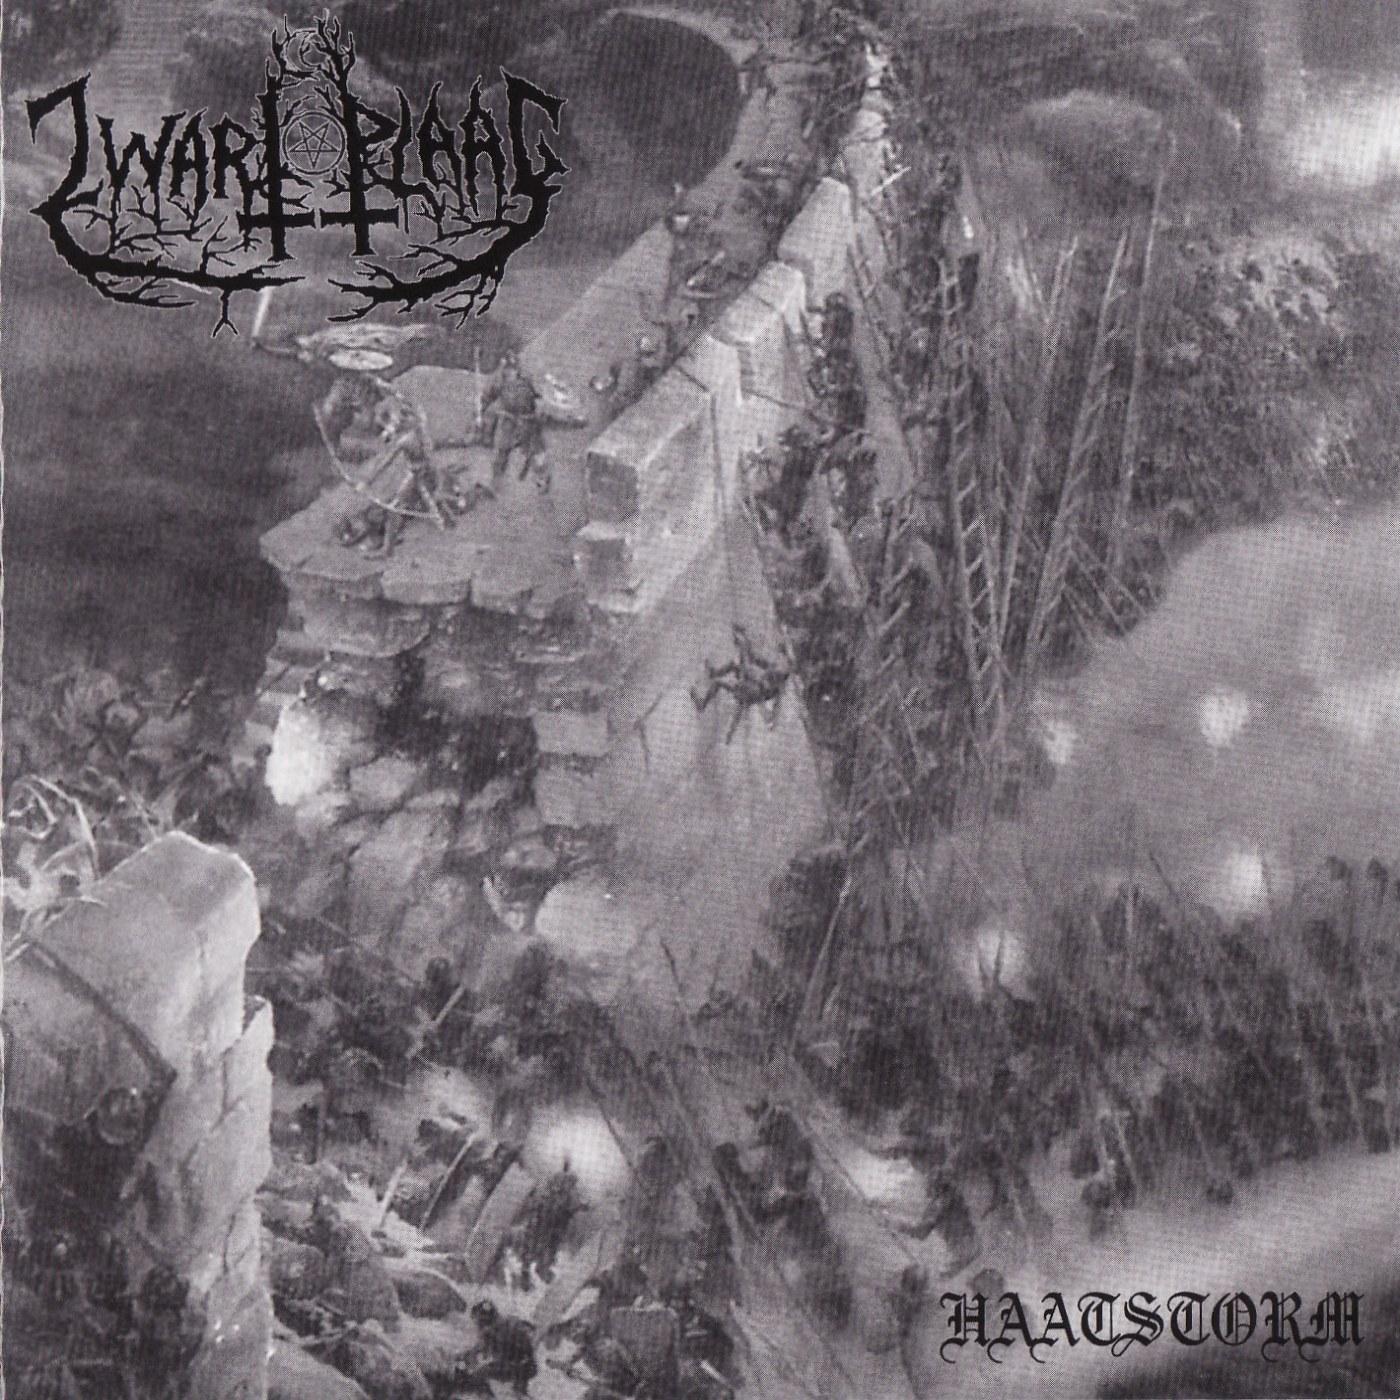 Review for Zwartplaag - Haatstorm